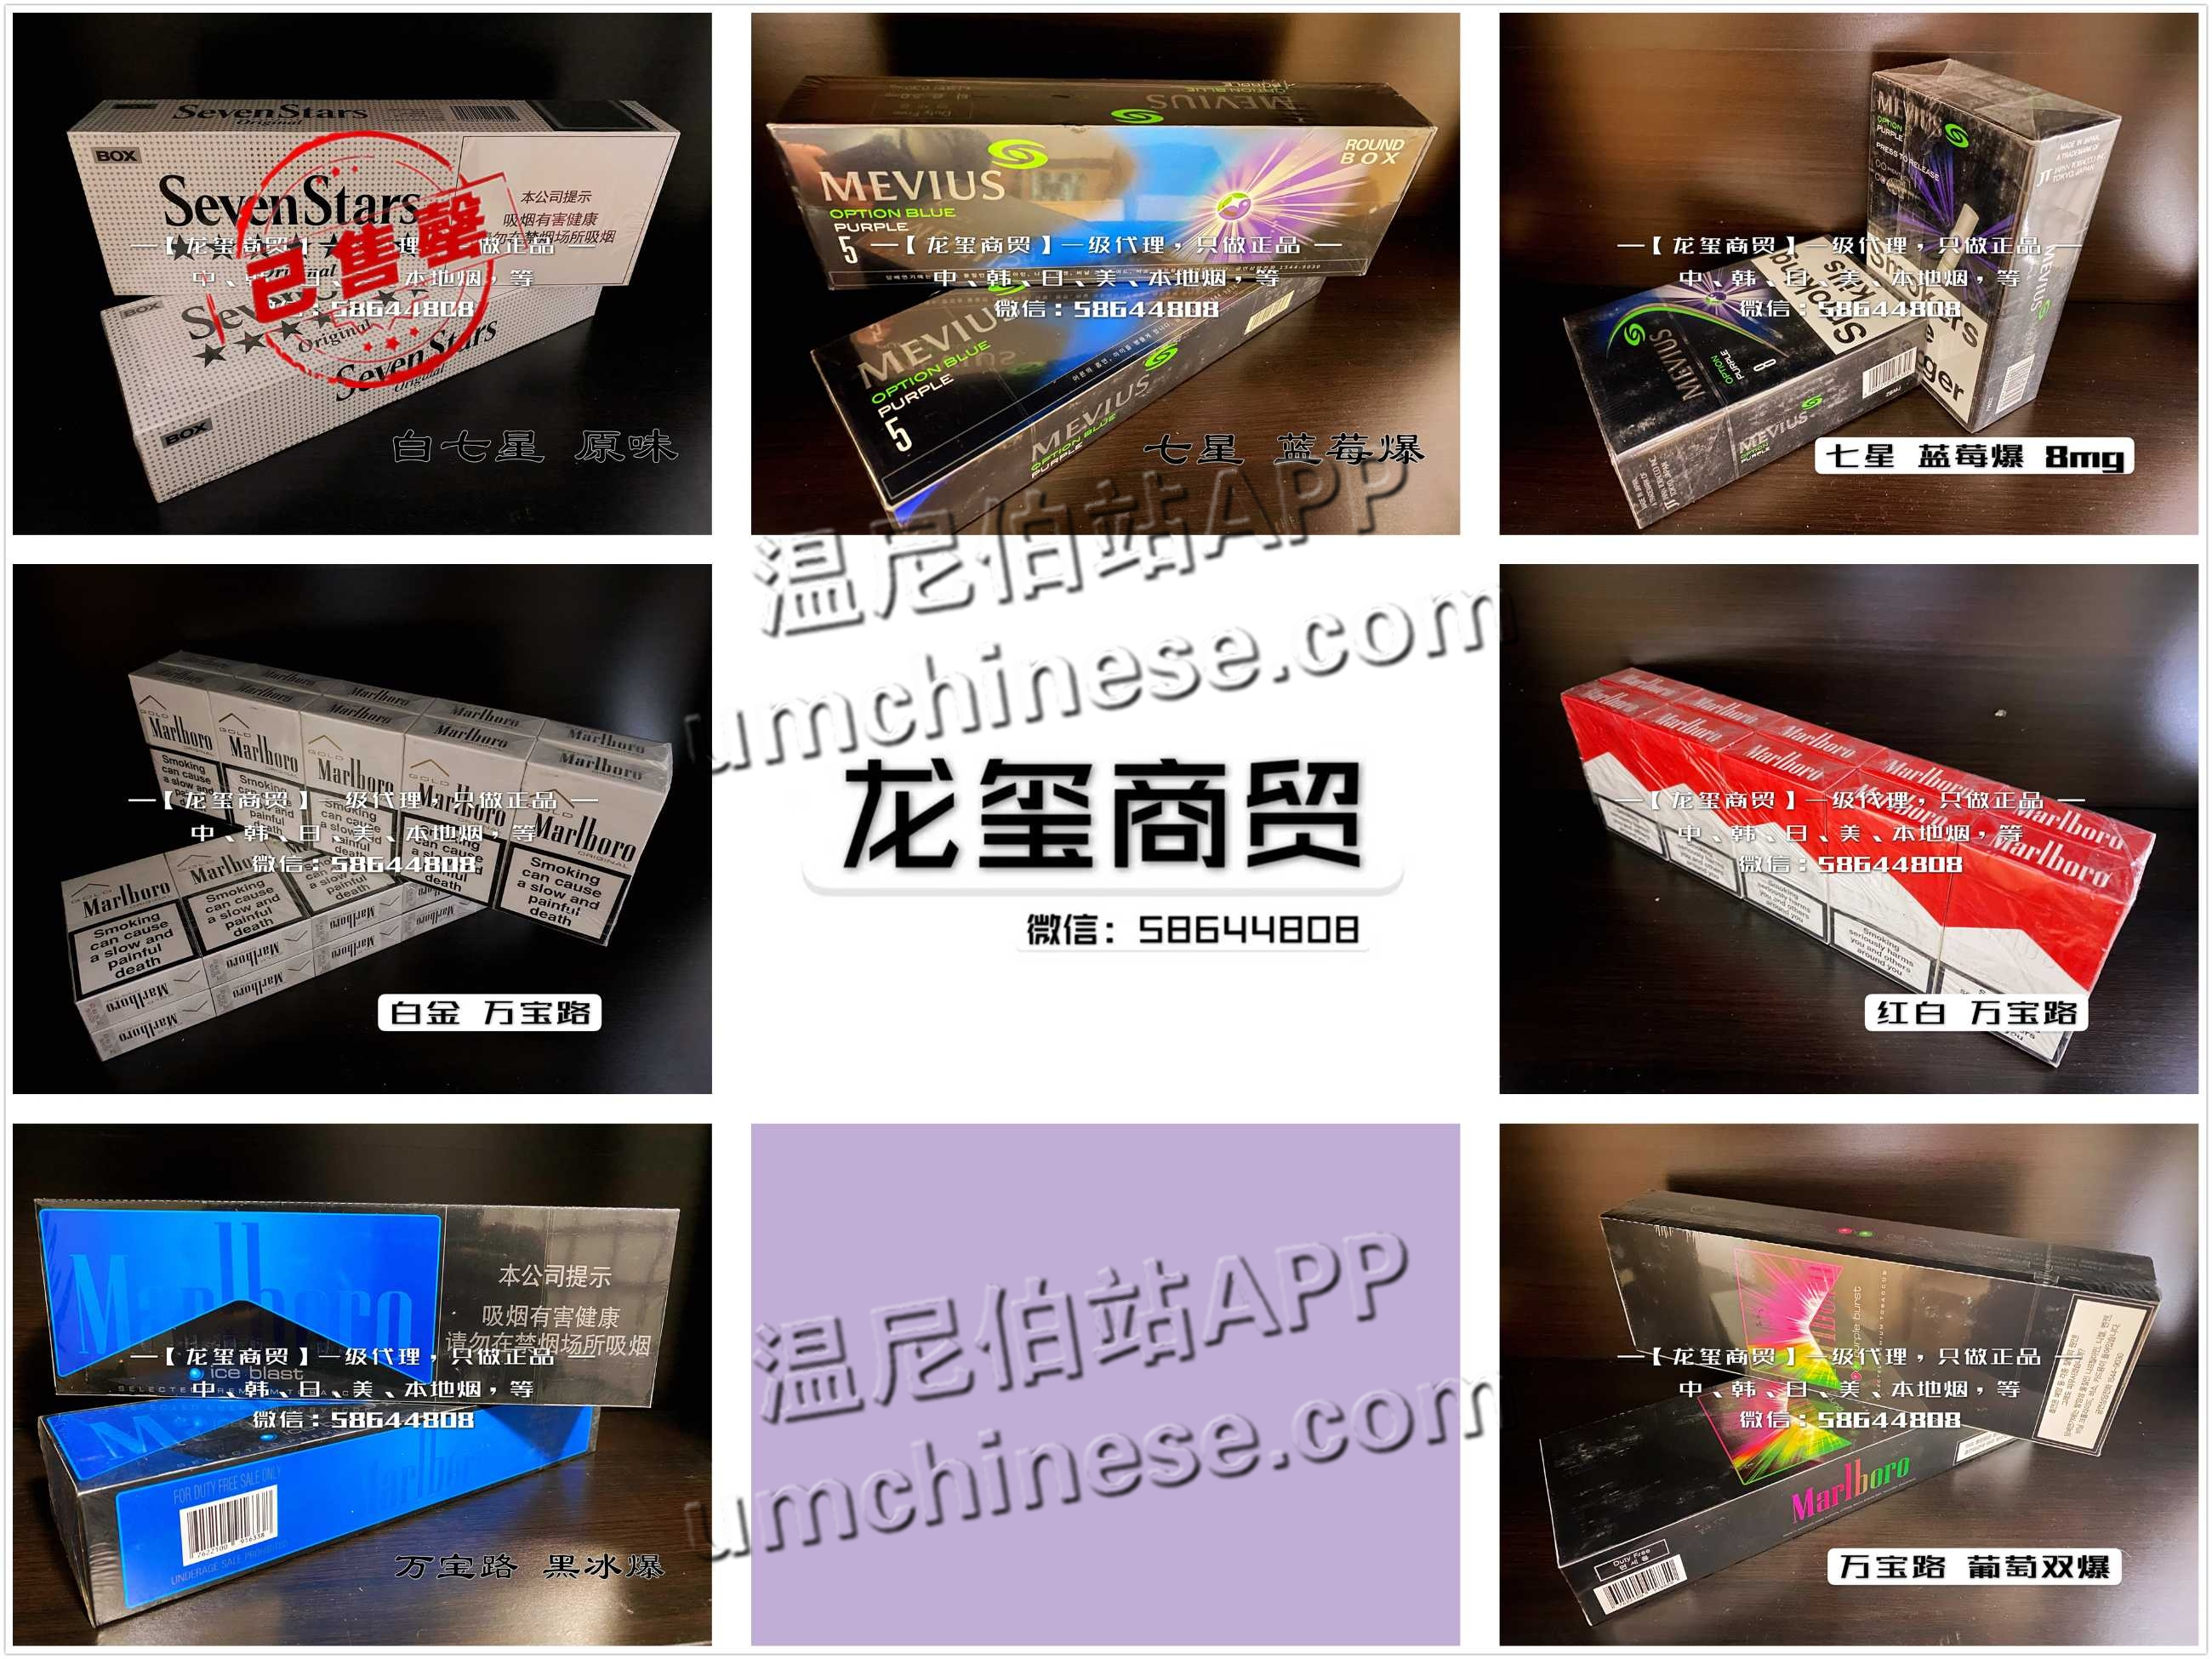 2021-07-26 ③爆珠合集(七星 万宝路).jpg